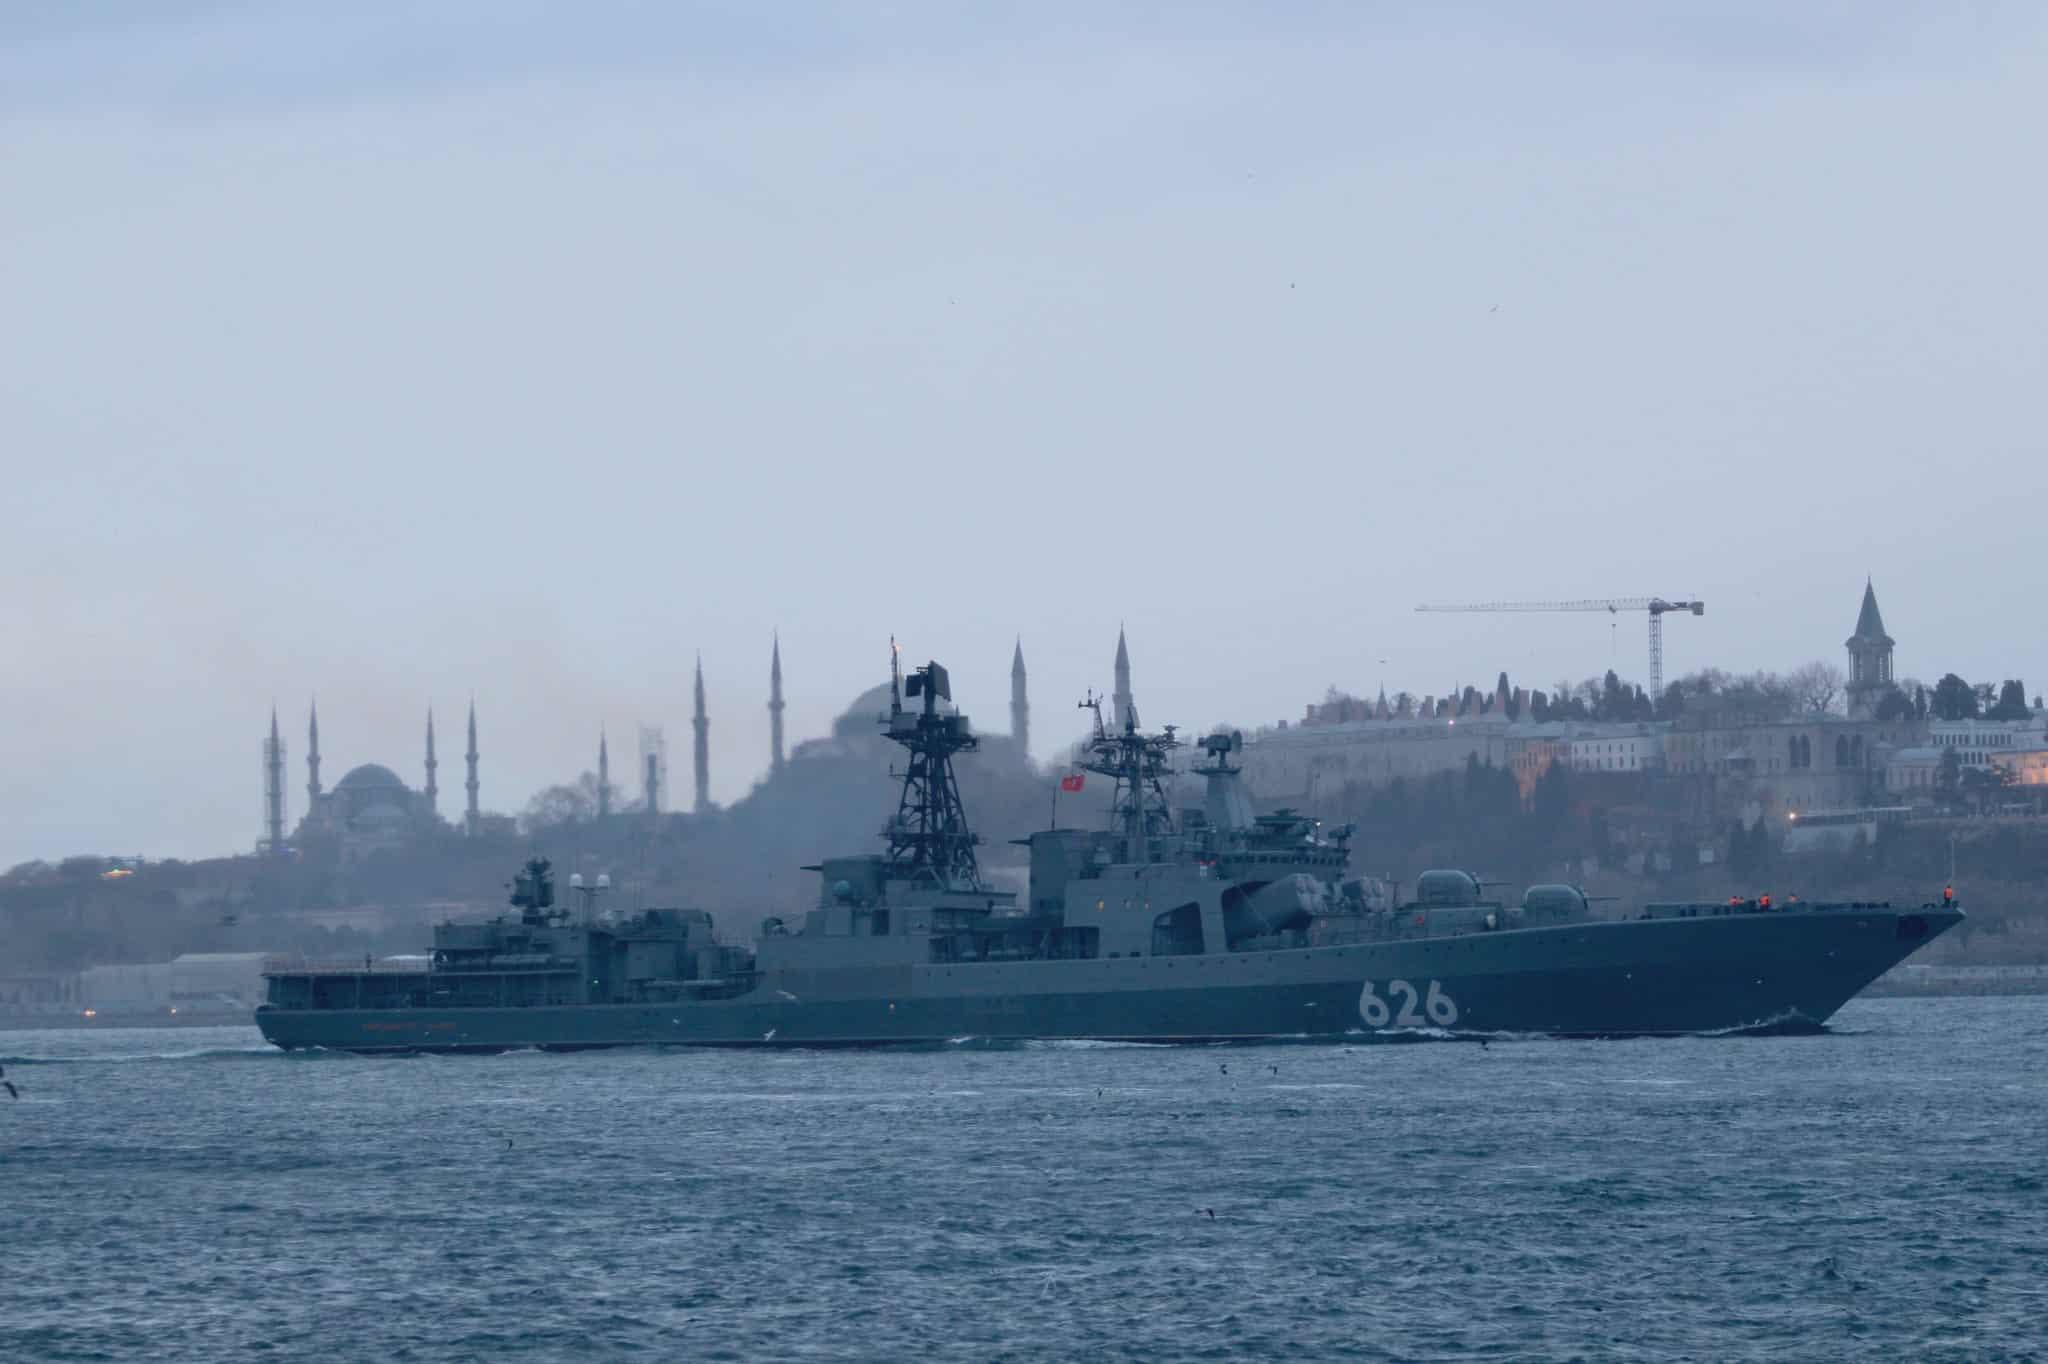 Великий протичовновий корабель «Вице-адмирал Кулаков» (626) під час переходу Босфору